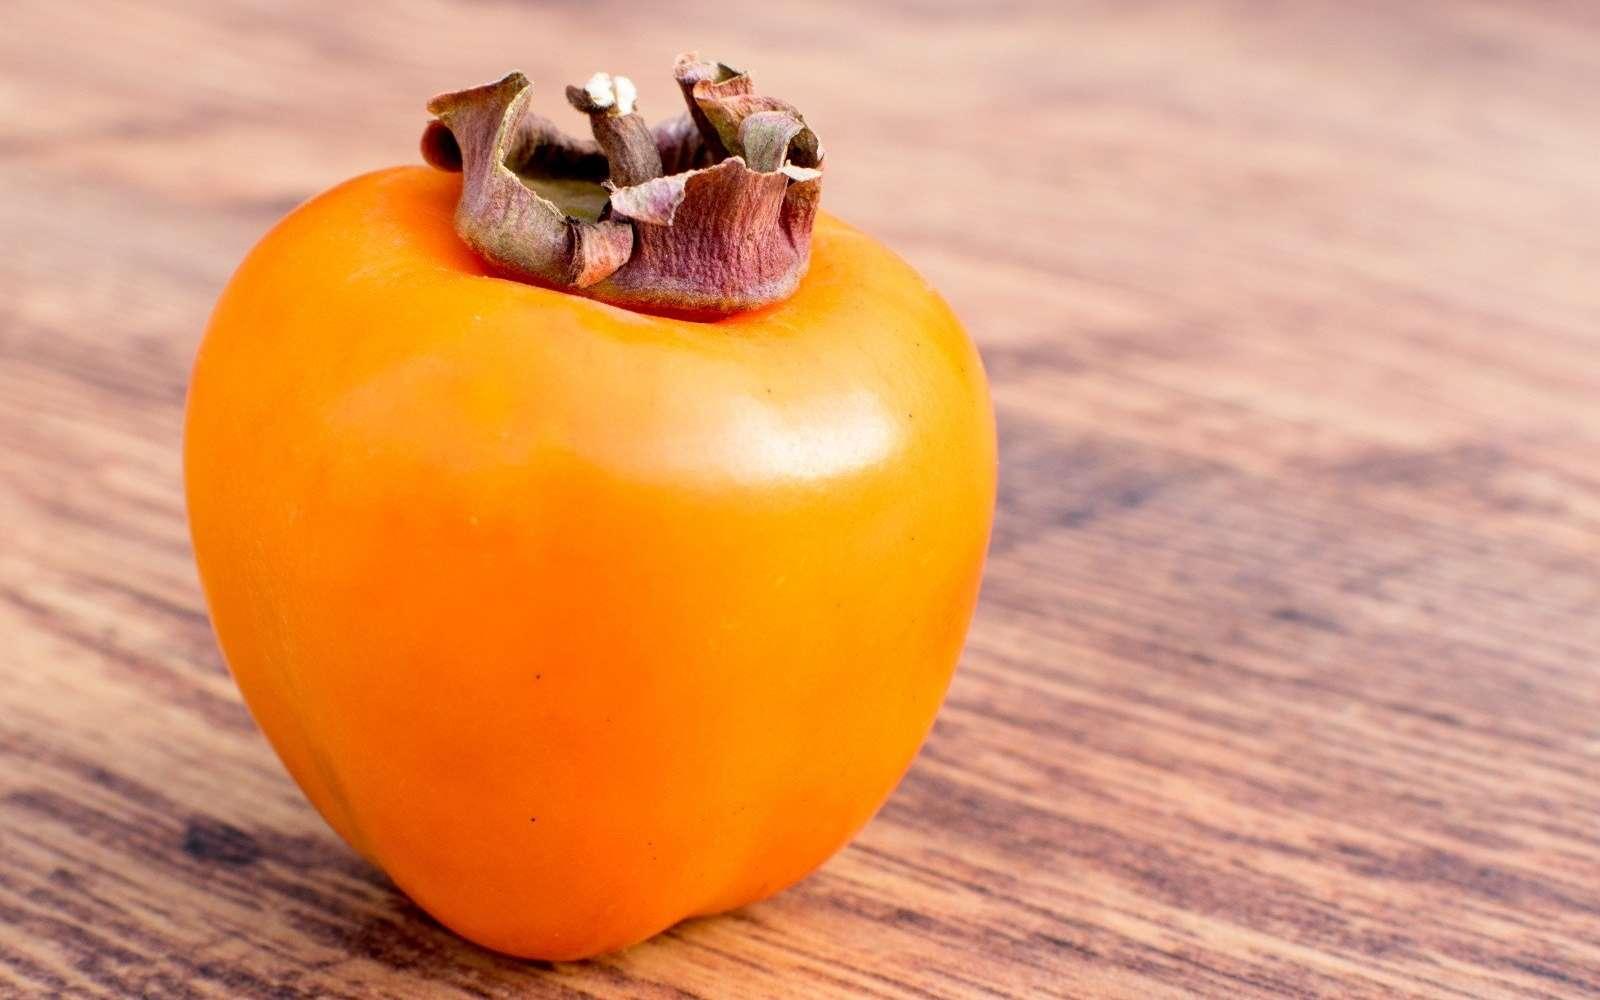 Le kaki est un fruit d'hiver riche en vitamines A et C. © WebArts